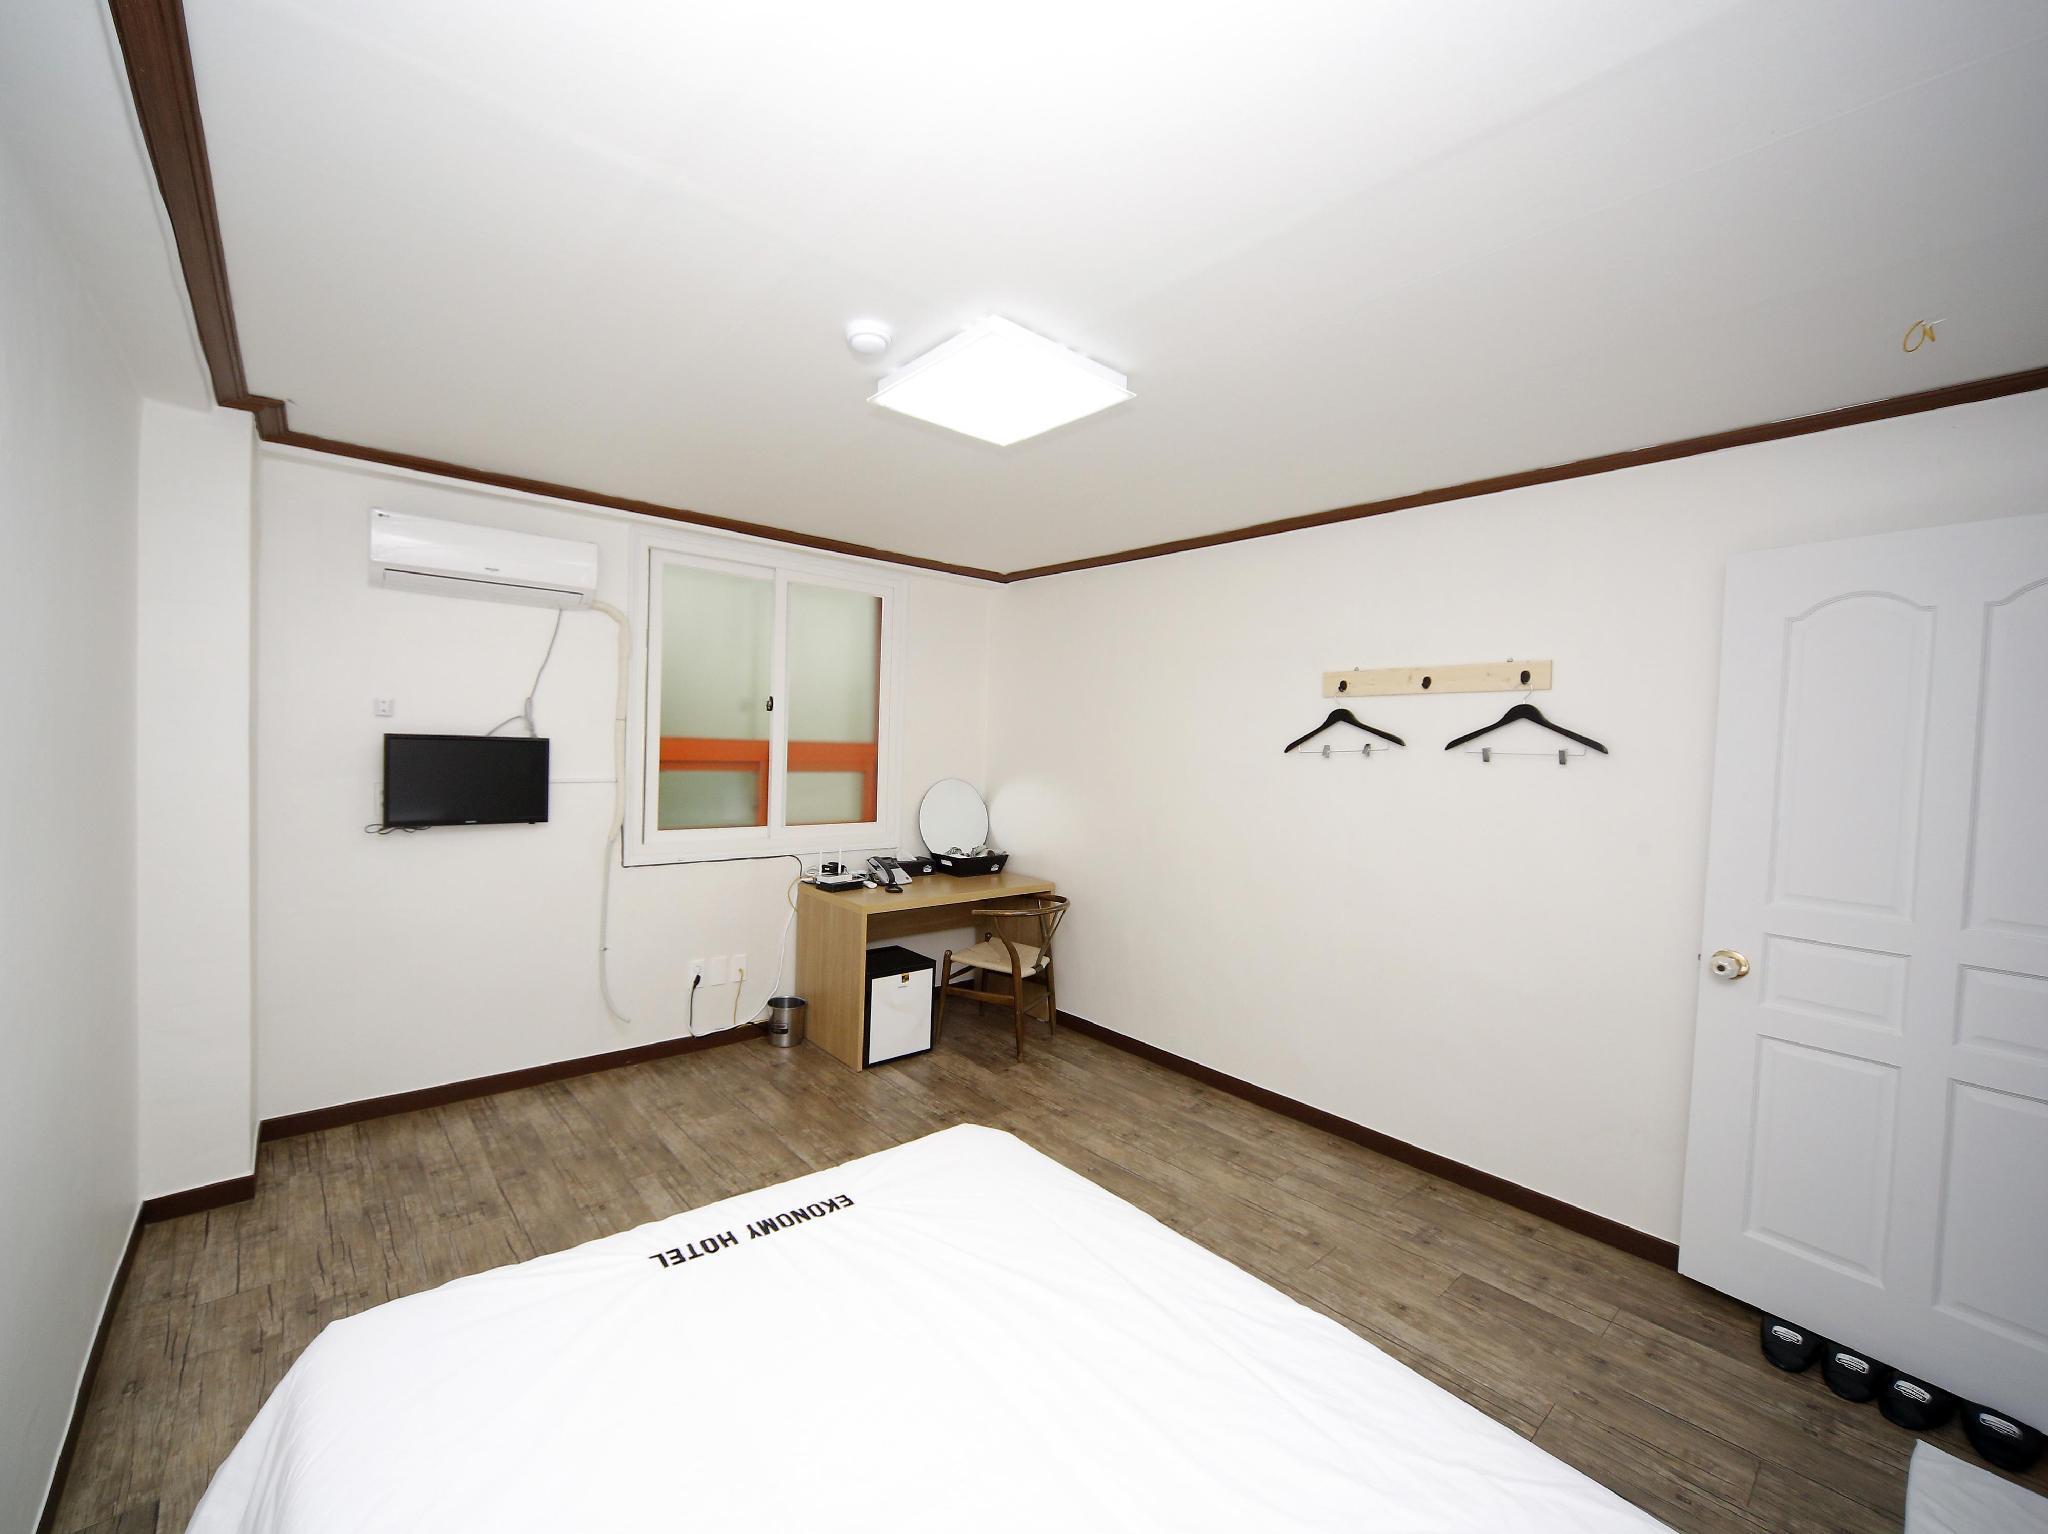 Ekonomy Hotel Mokpo Si South Korea